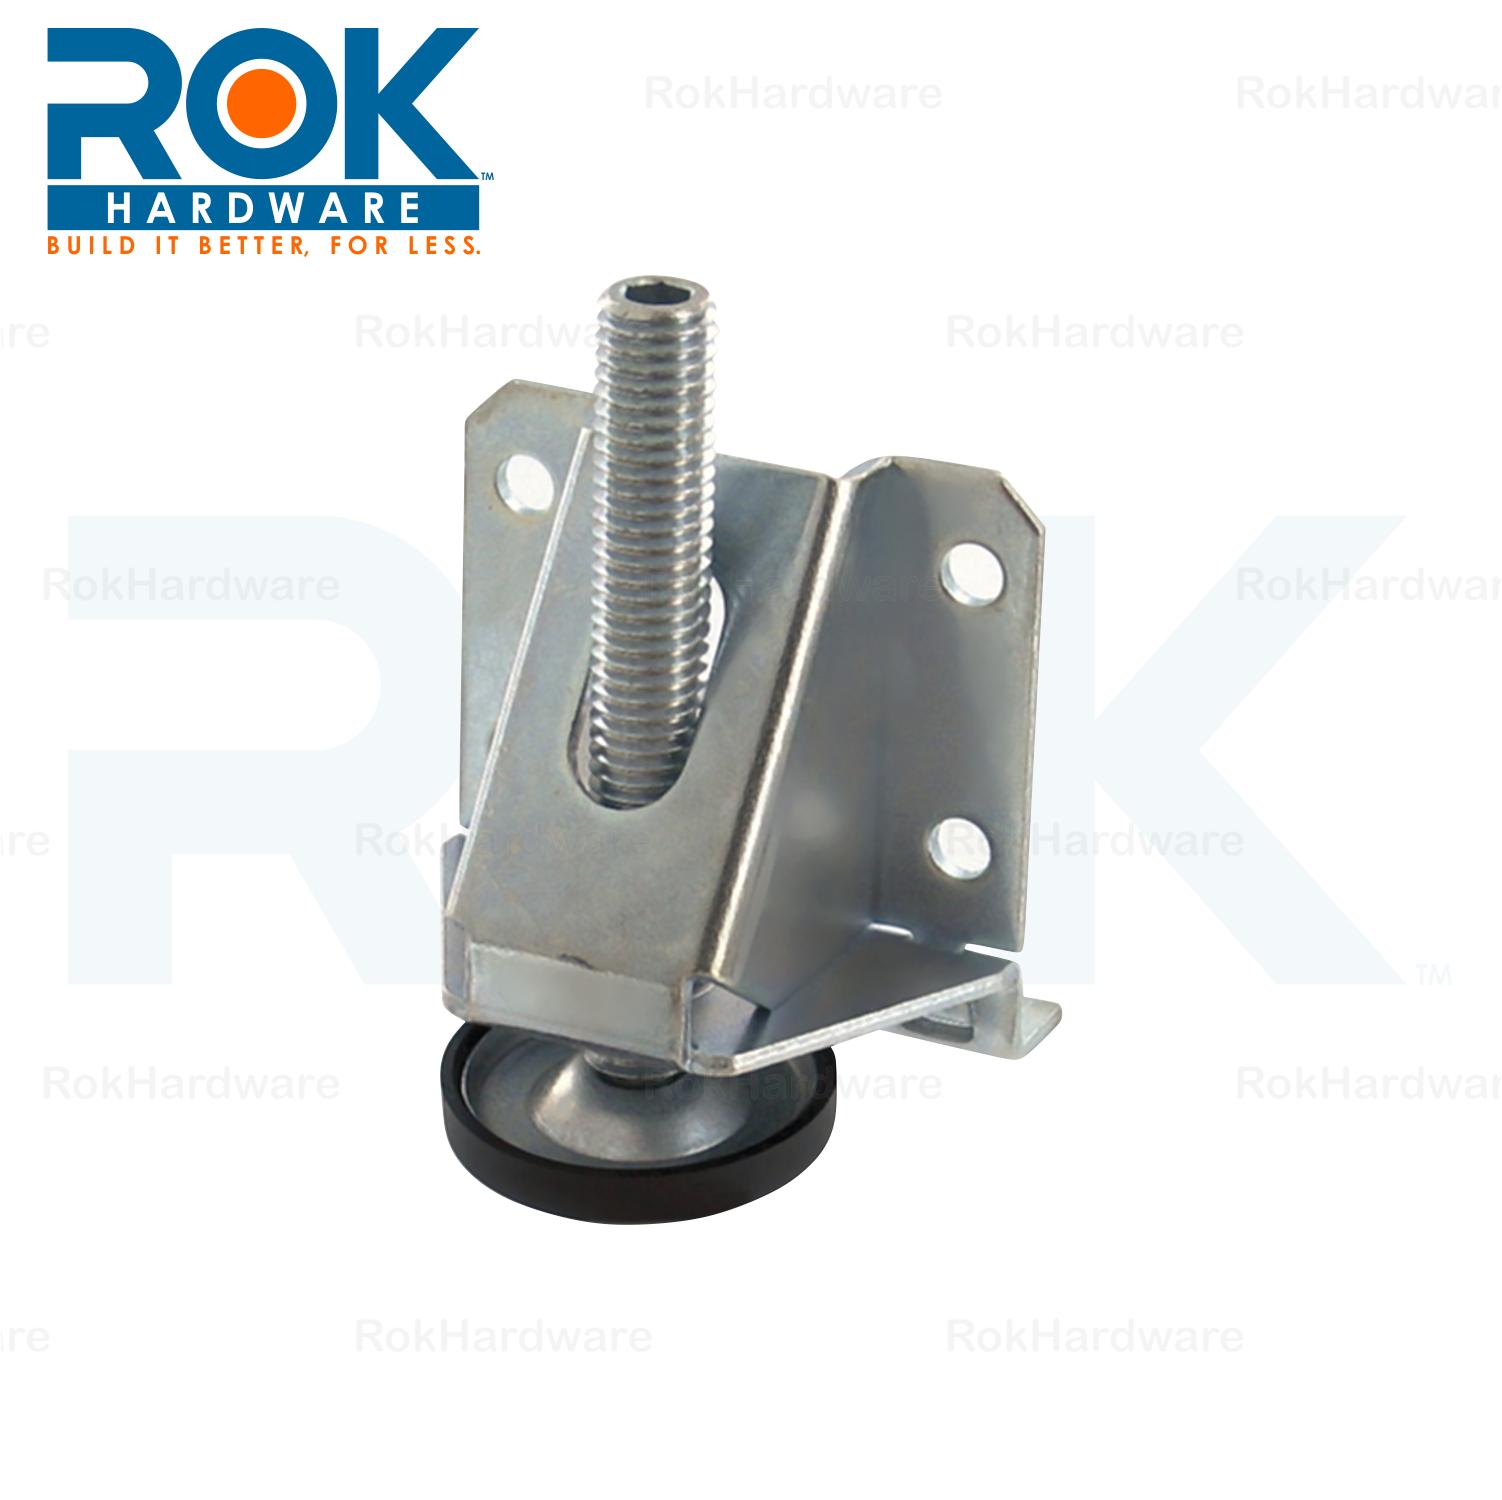 Rok Hardware 2000 Lb Capacity Heavy Duty Adjustable